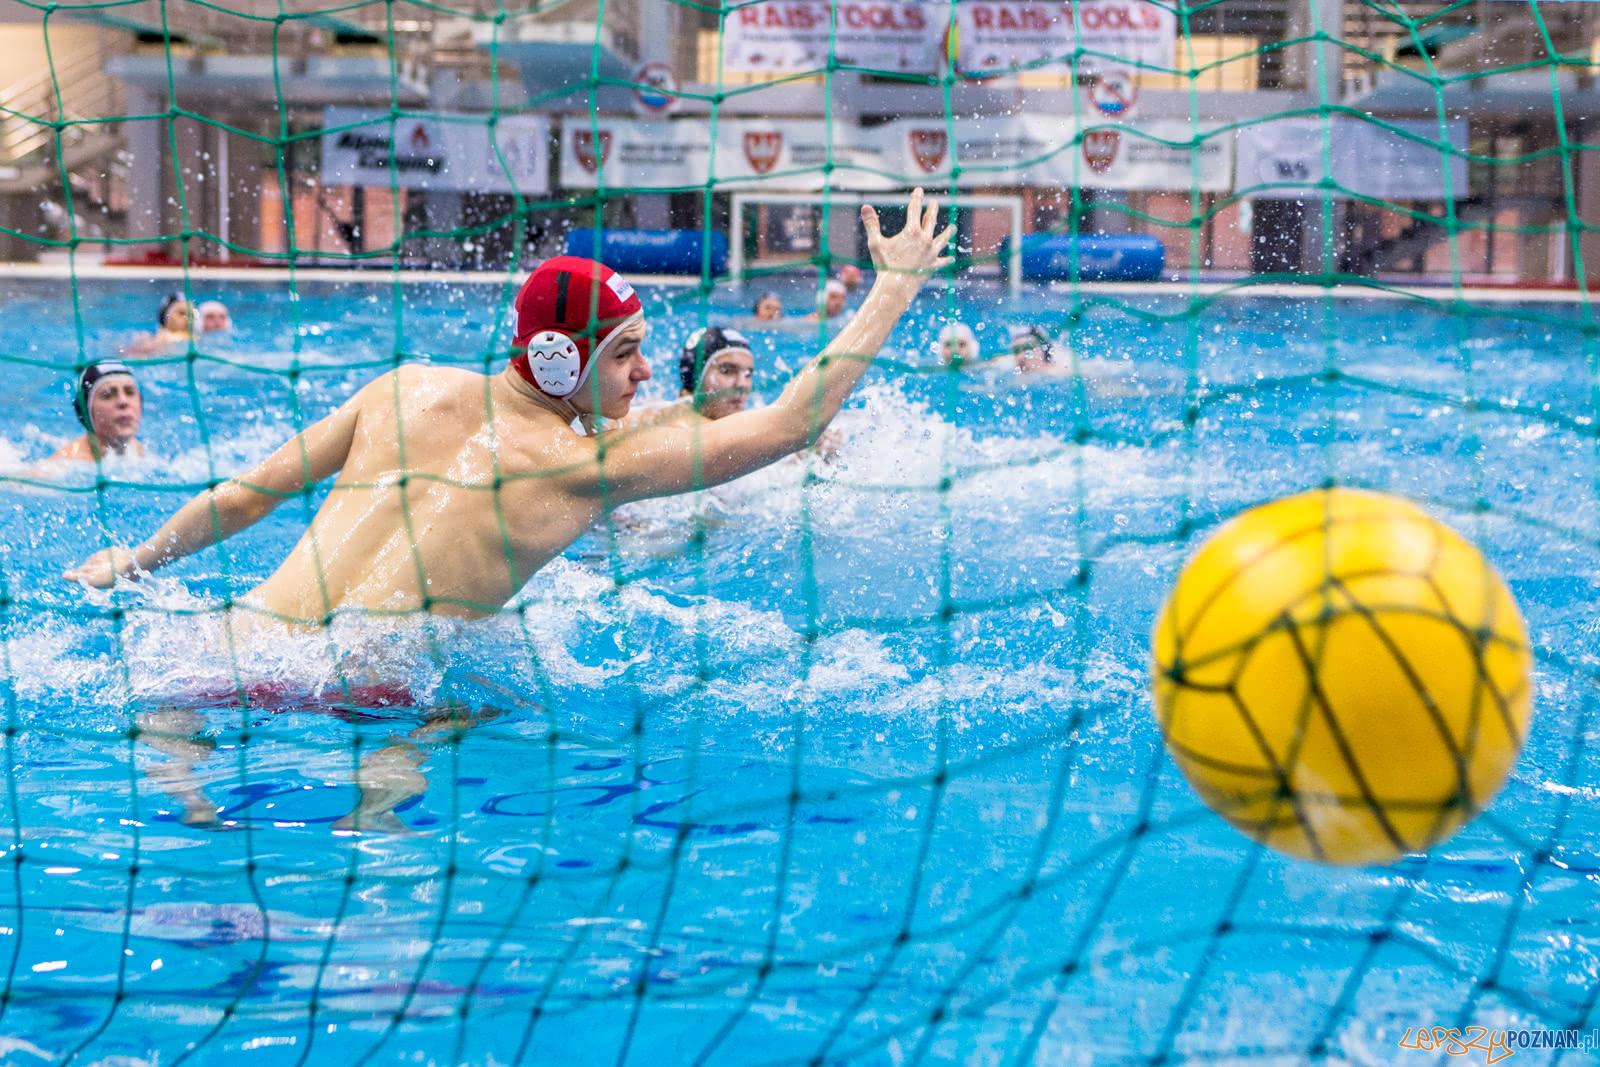 KS Waterpolo Poznań – Polska U-17 18:14 - Malta Waterpolo Cup  Foto: LepszyPOZNAN.pl / Paweł Rychter